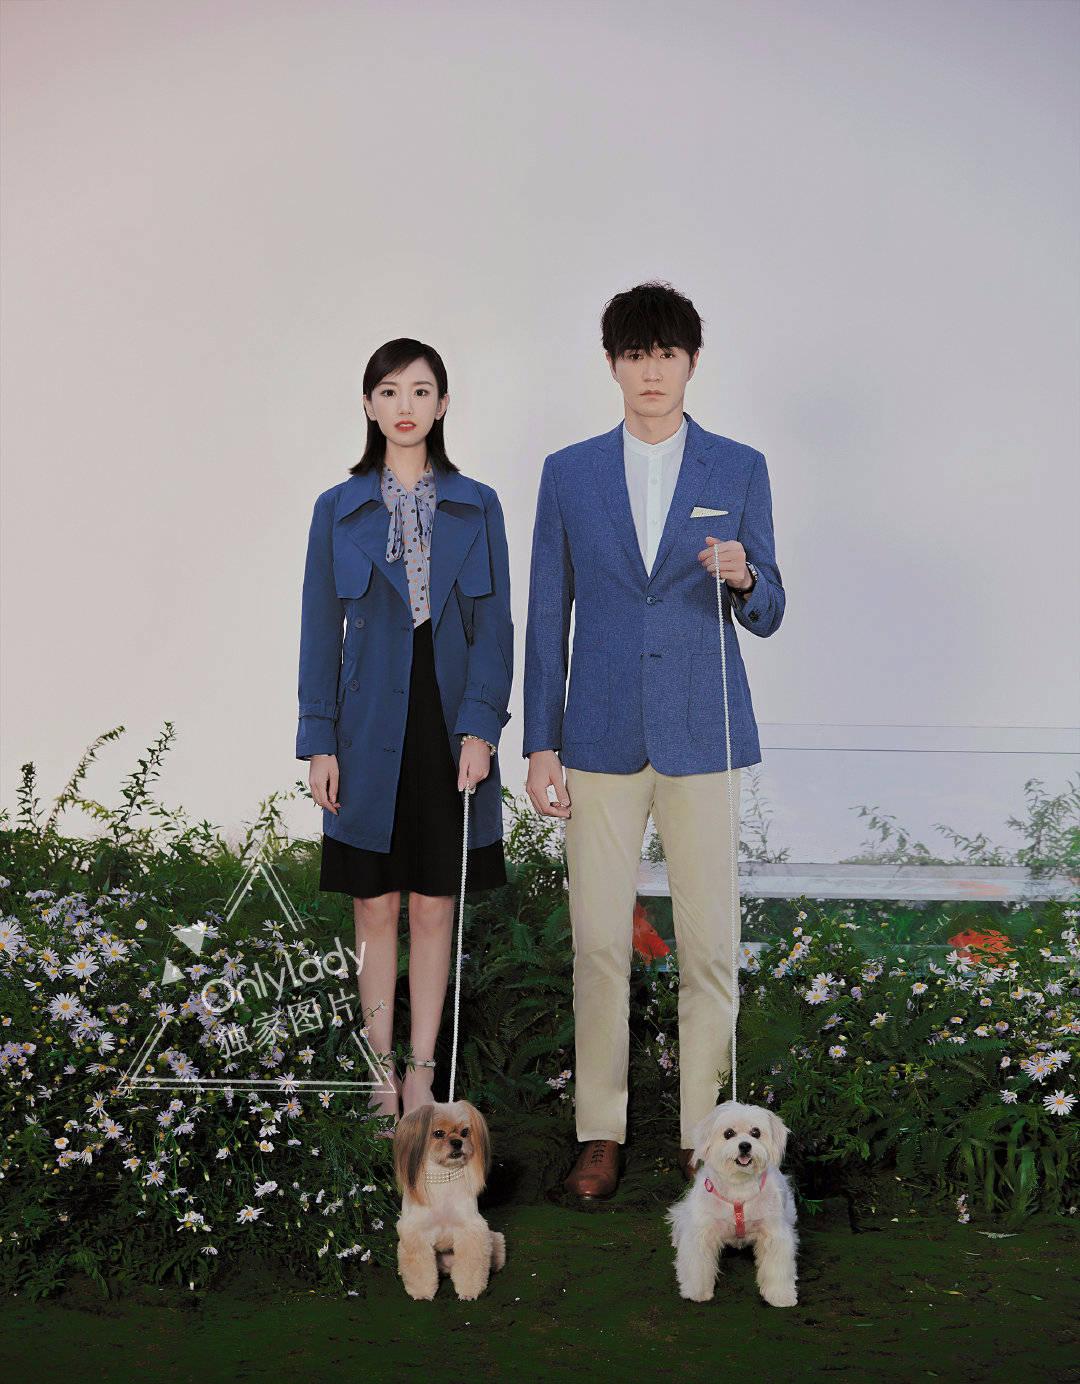 原创杨玏毛晓彤合拍大片,穿情侣装CP感十足,两人牵手出镜太甜了